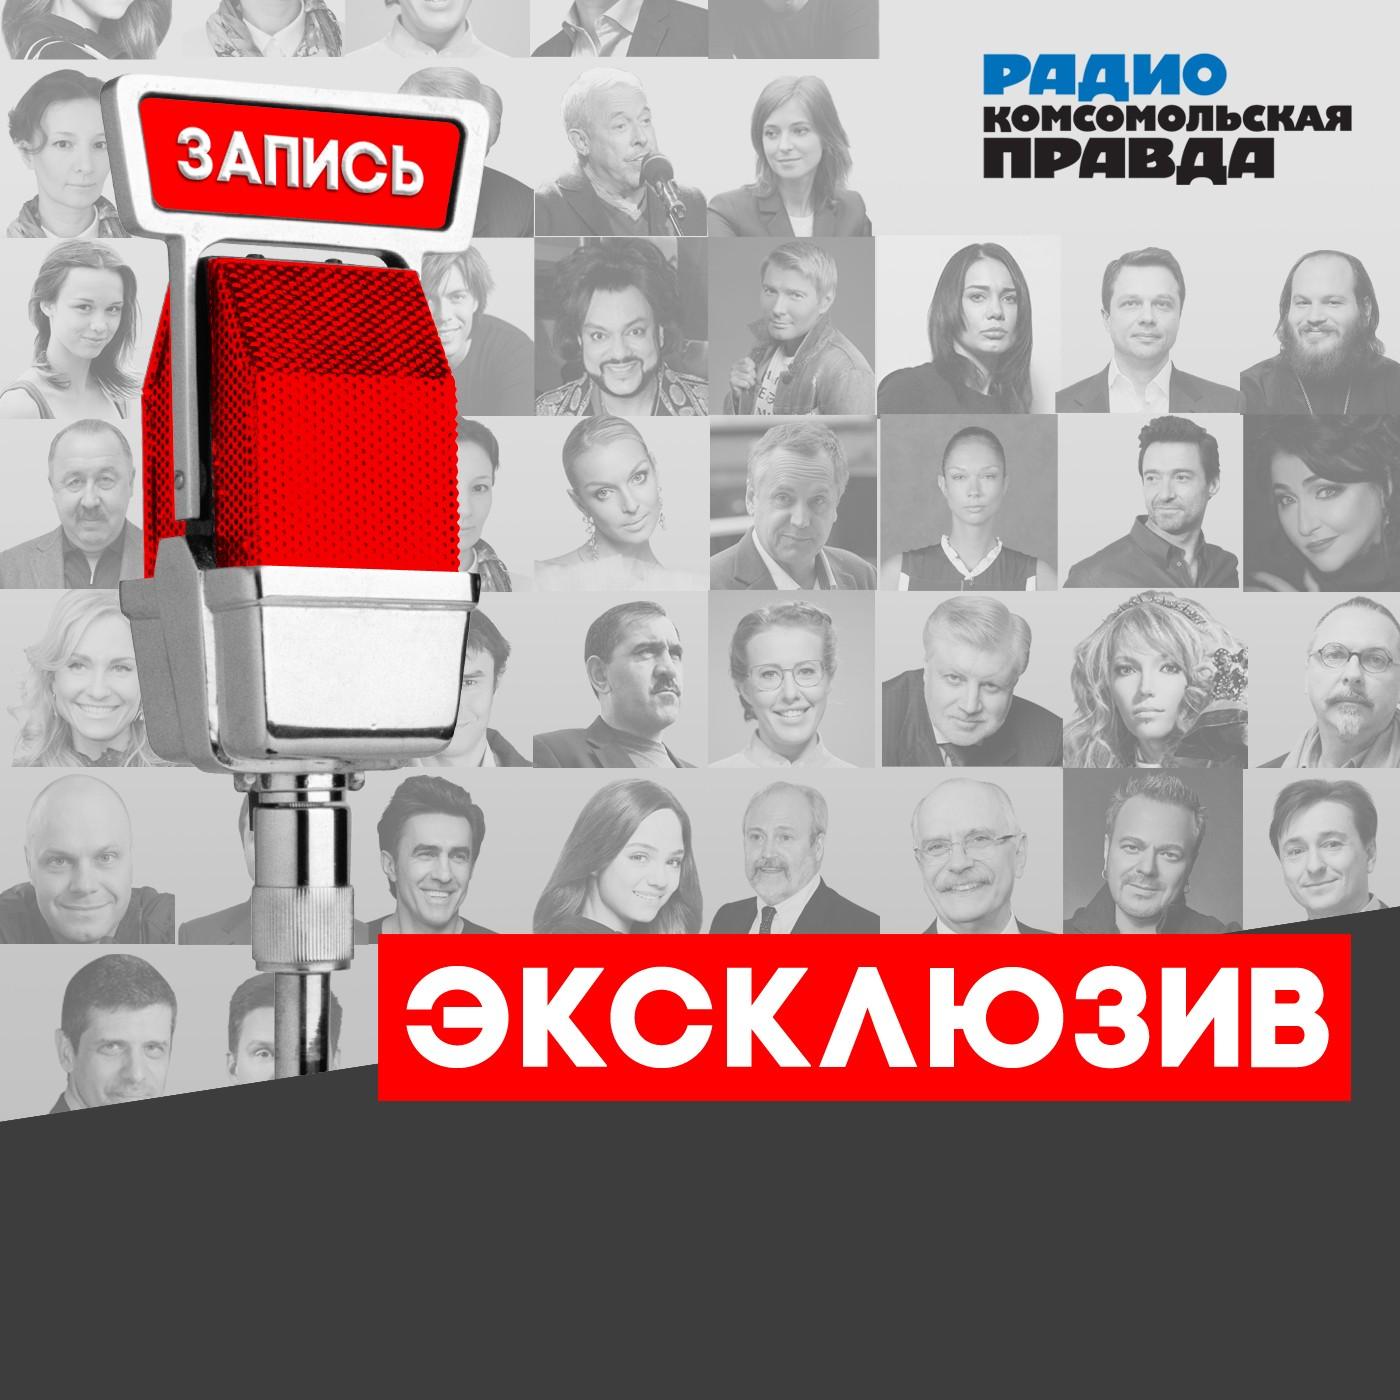 Радио «Комсомольская правда» Иосиф Кобзон: «Но кому-то уроки истории Не советуем мы забывать!»